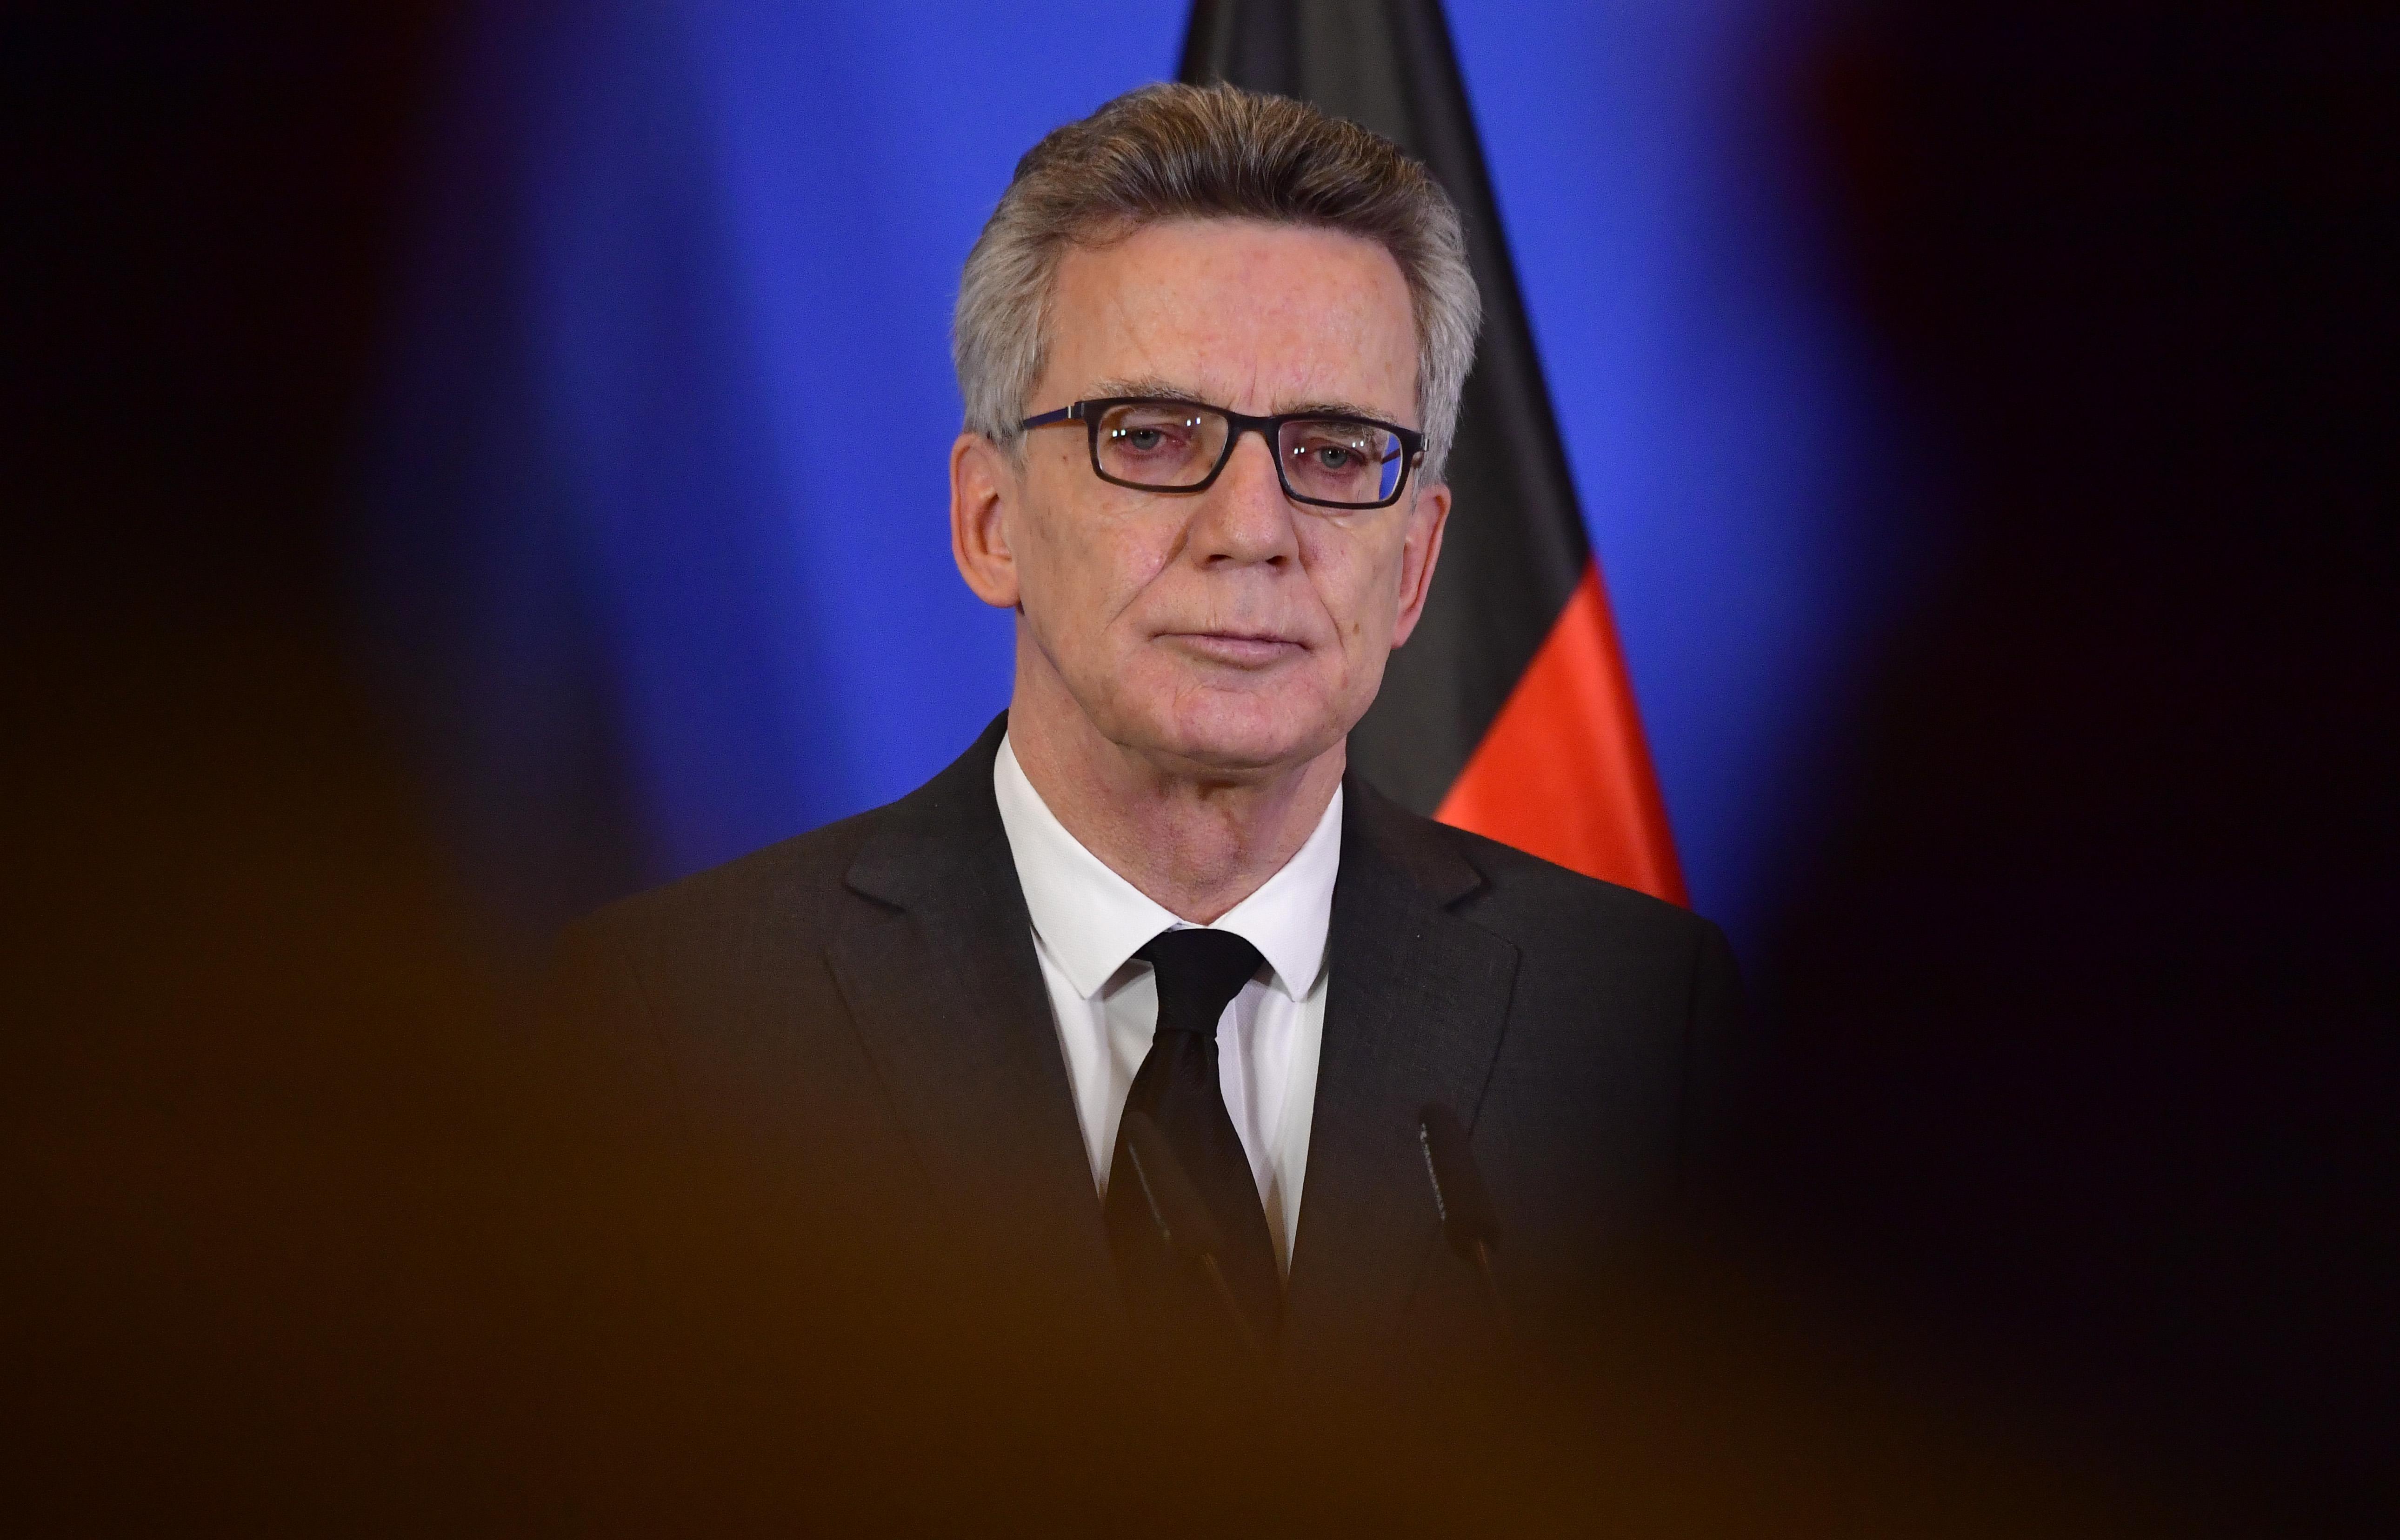 Titkosszolgálati központosítást javasol a német belügyminiszter a terrorellenes harcban